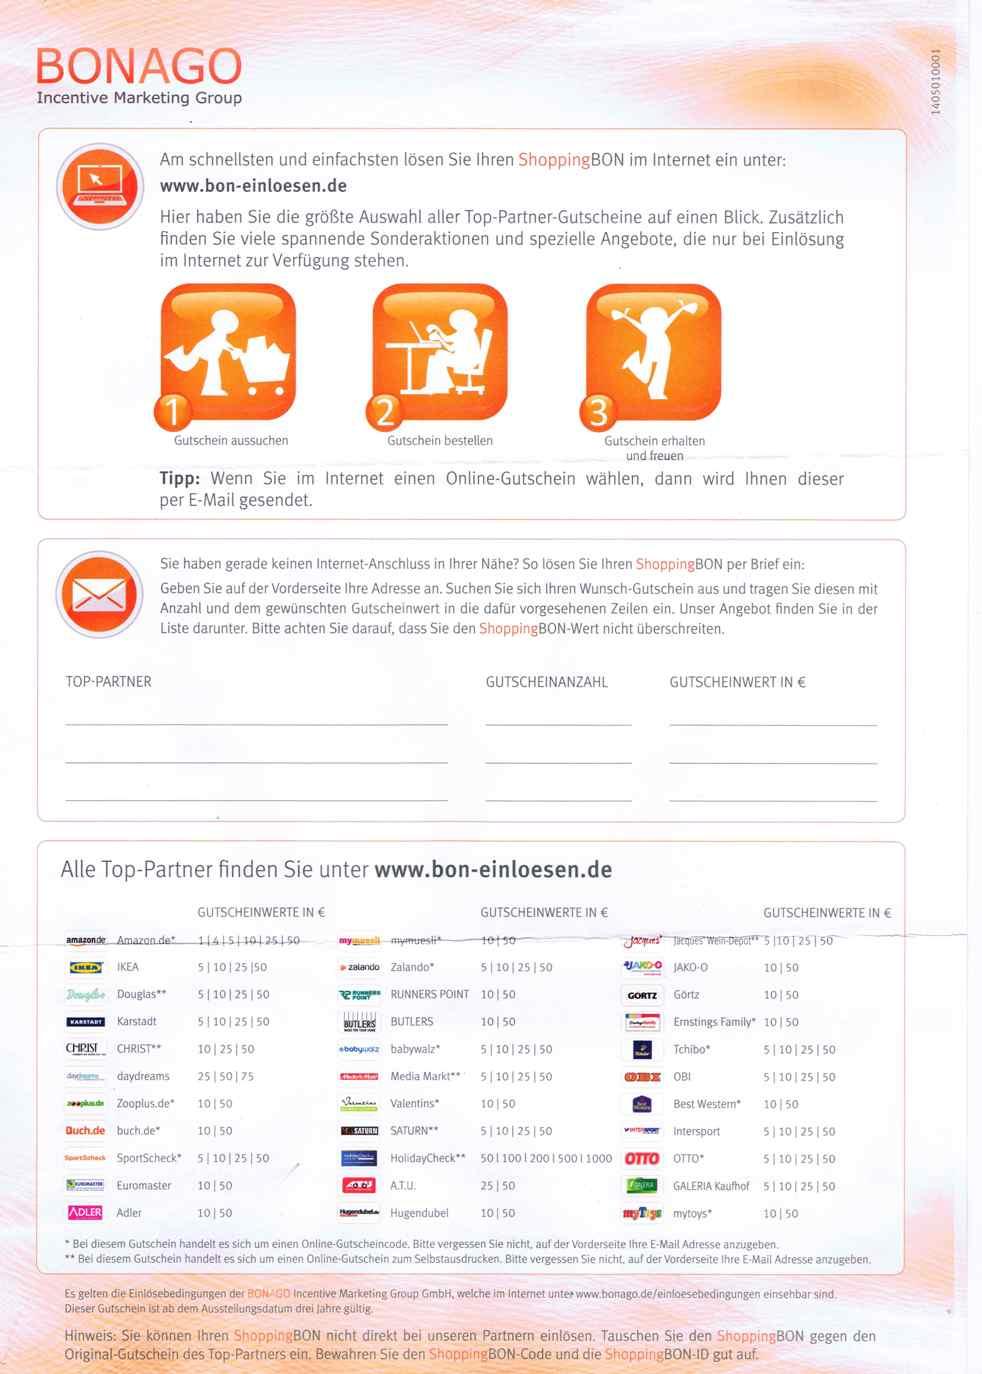 ShoppingBON Universalgutschein als Abo-Prämie - alle Infos und Anleitung